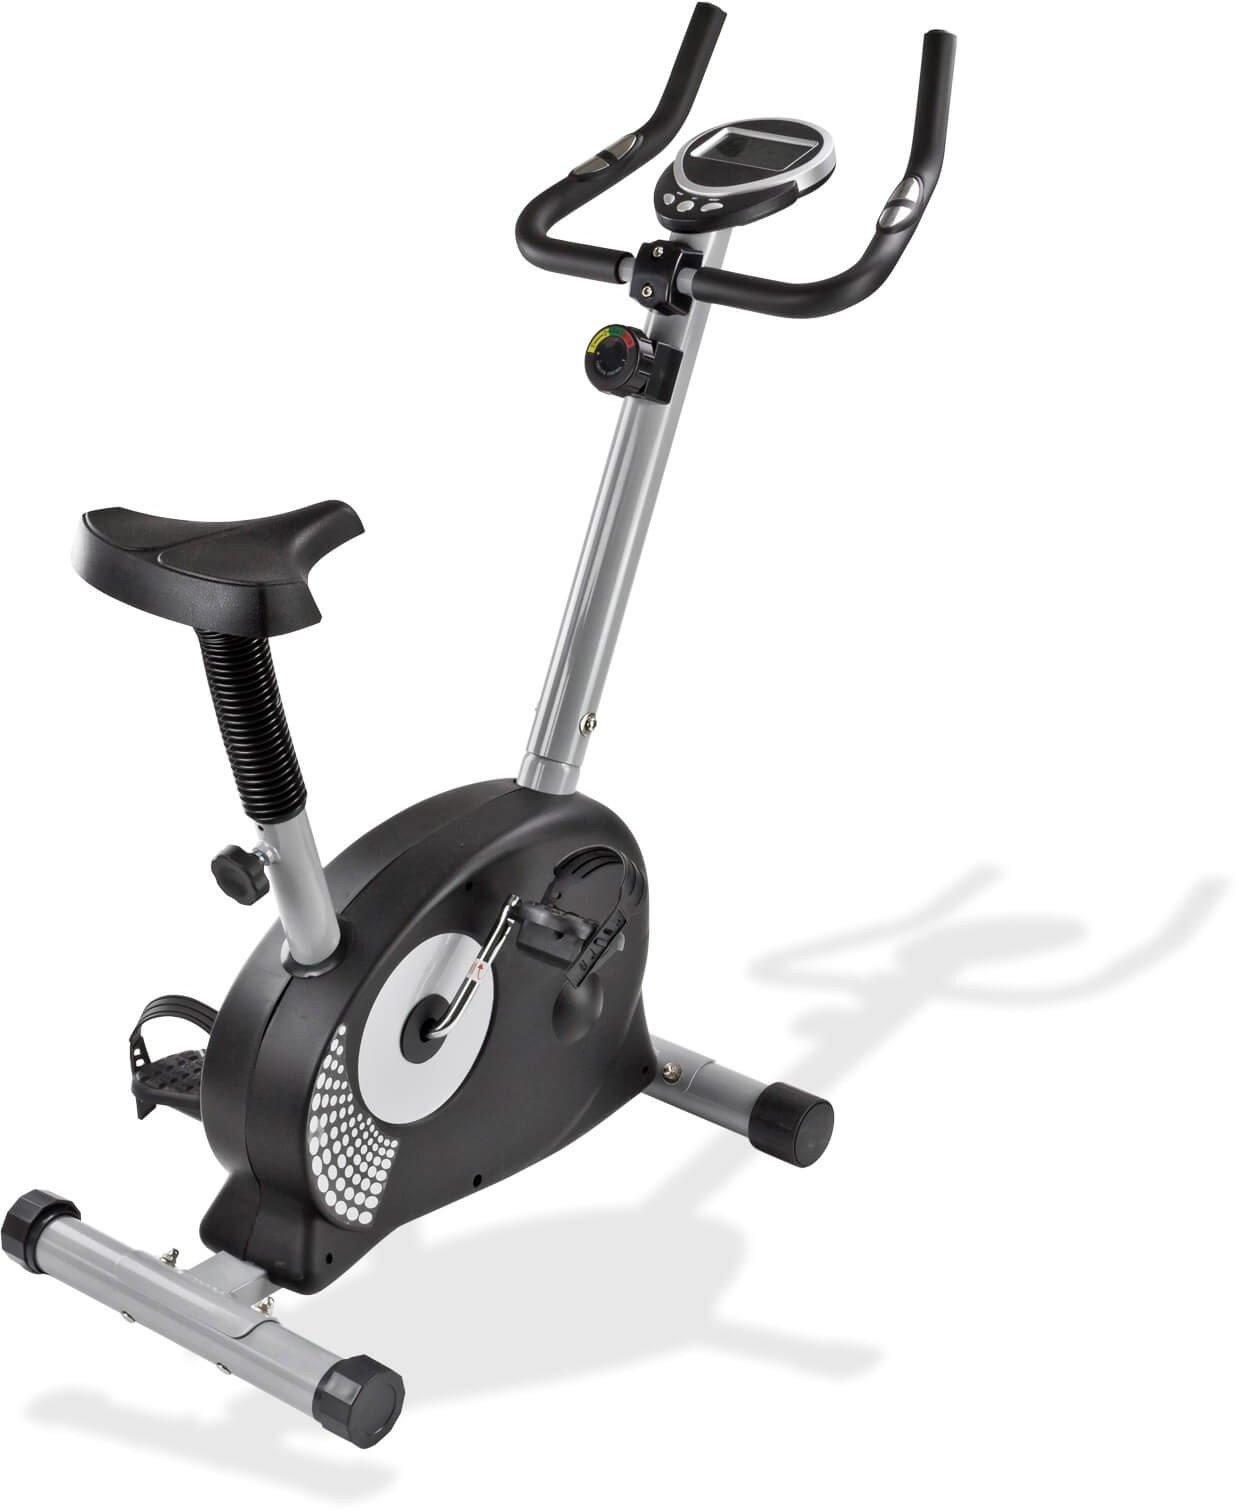 Mini Fitness Heimtrainer Fahrradtrainer Arm und Beintrainer Bike Trimmrad LCD